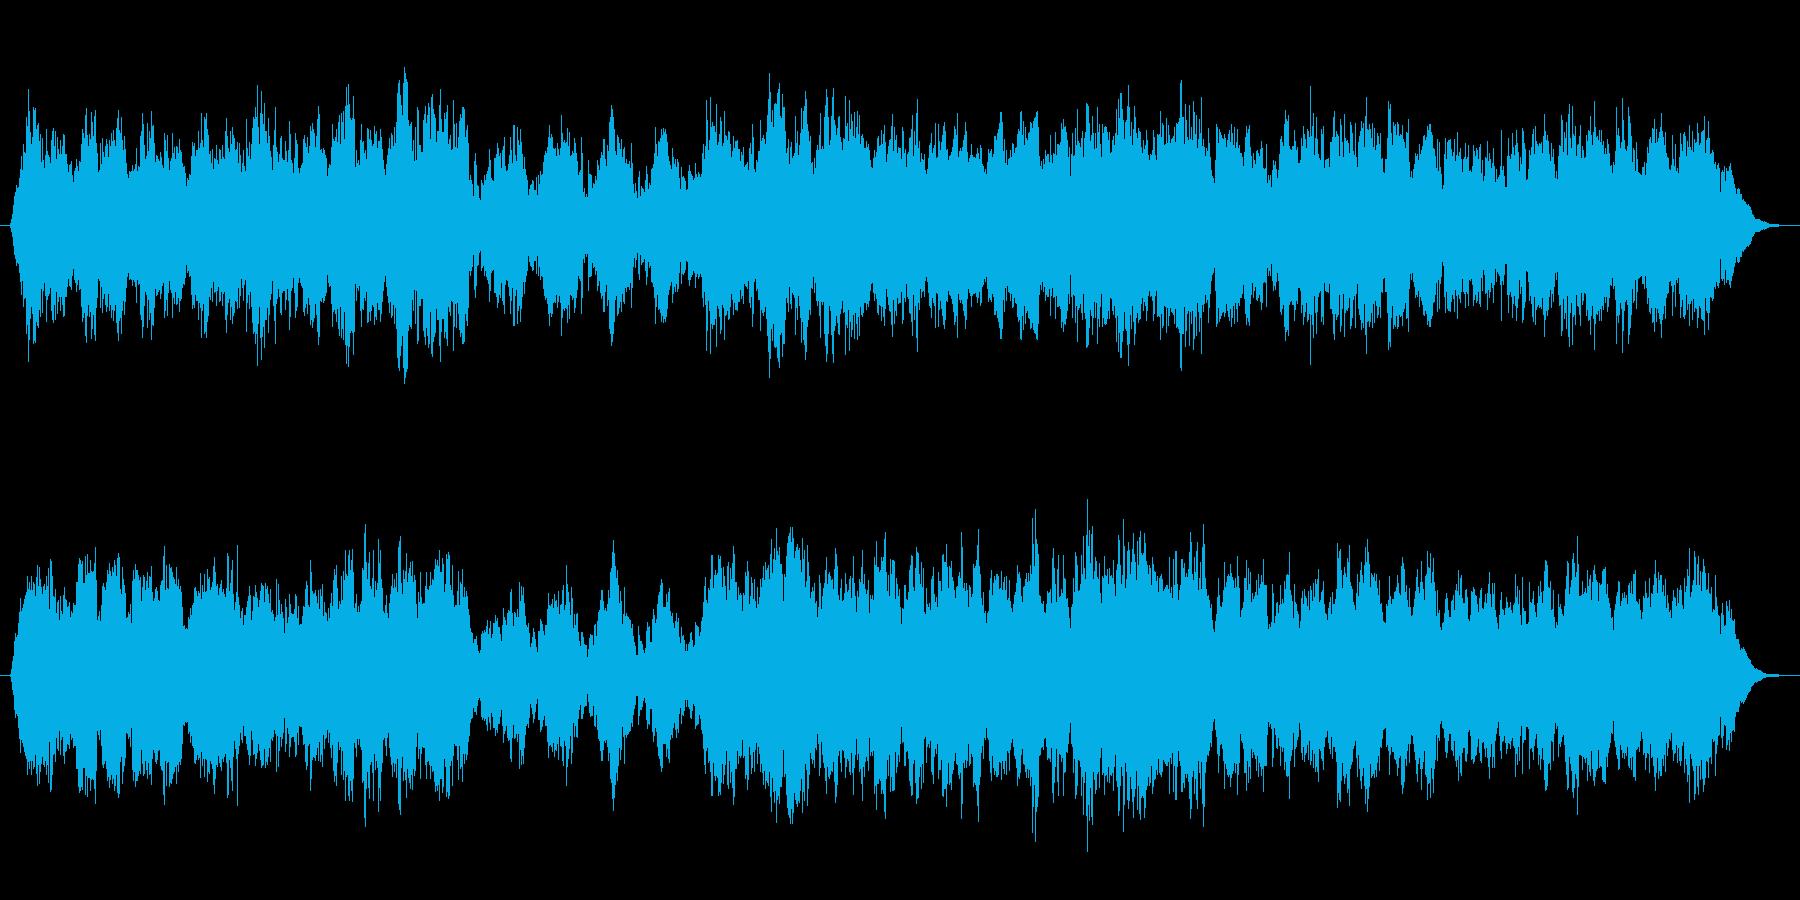 悲壮感 ストリングスの再生済みの波形